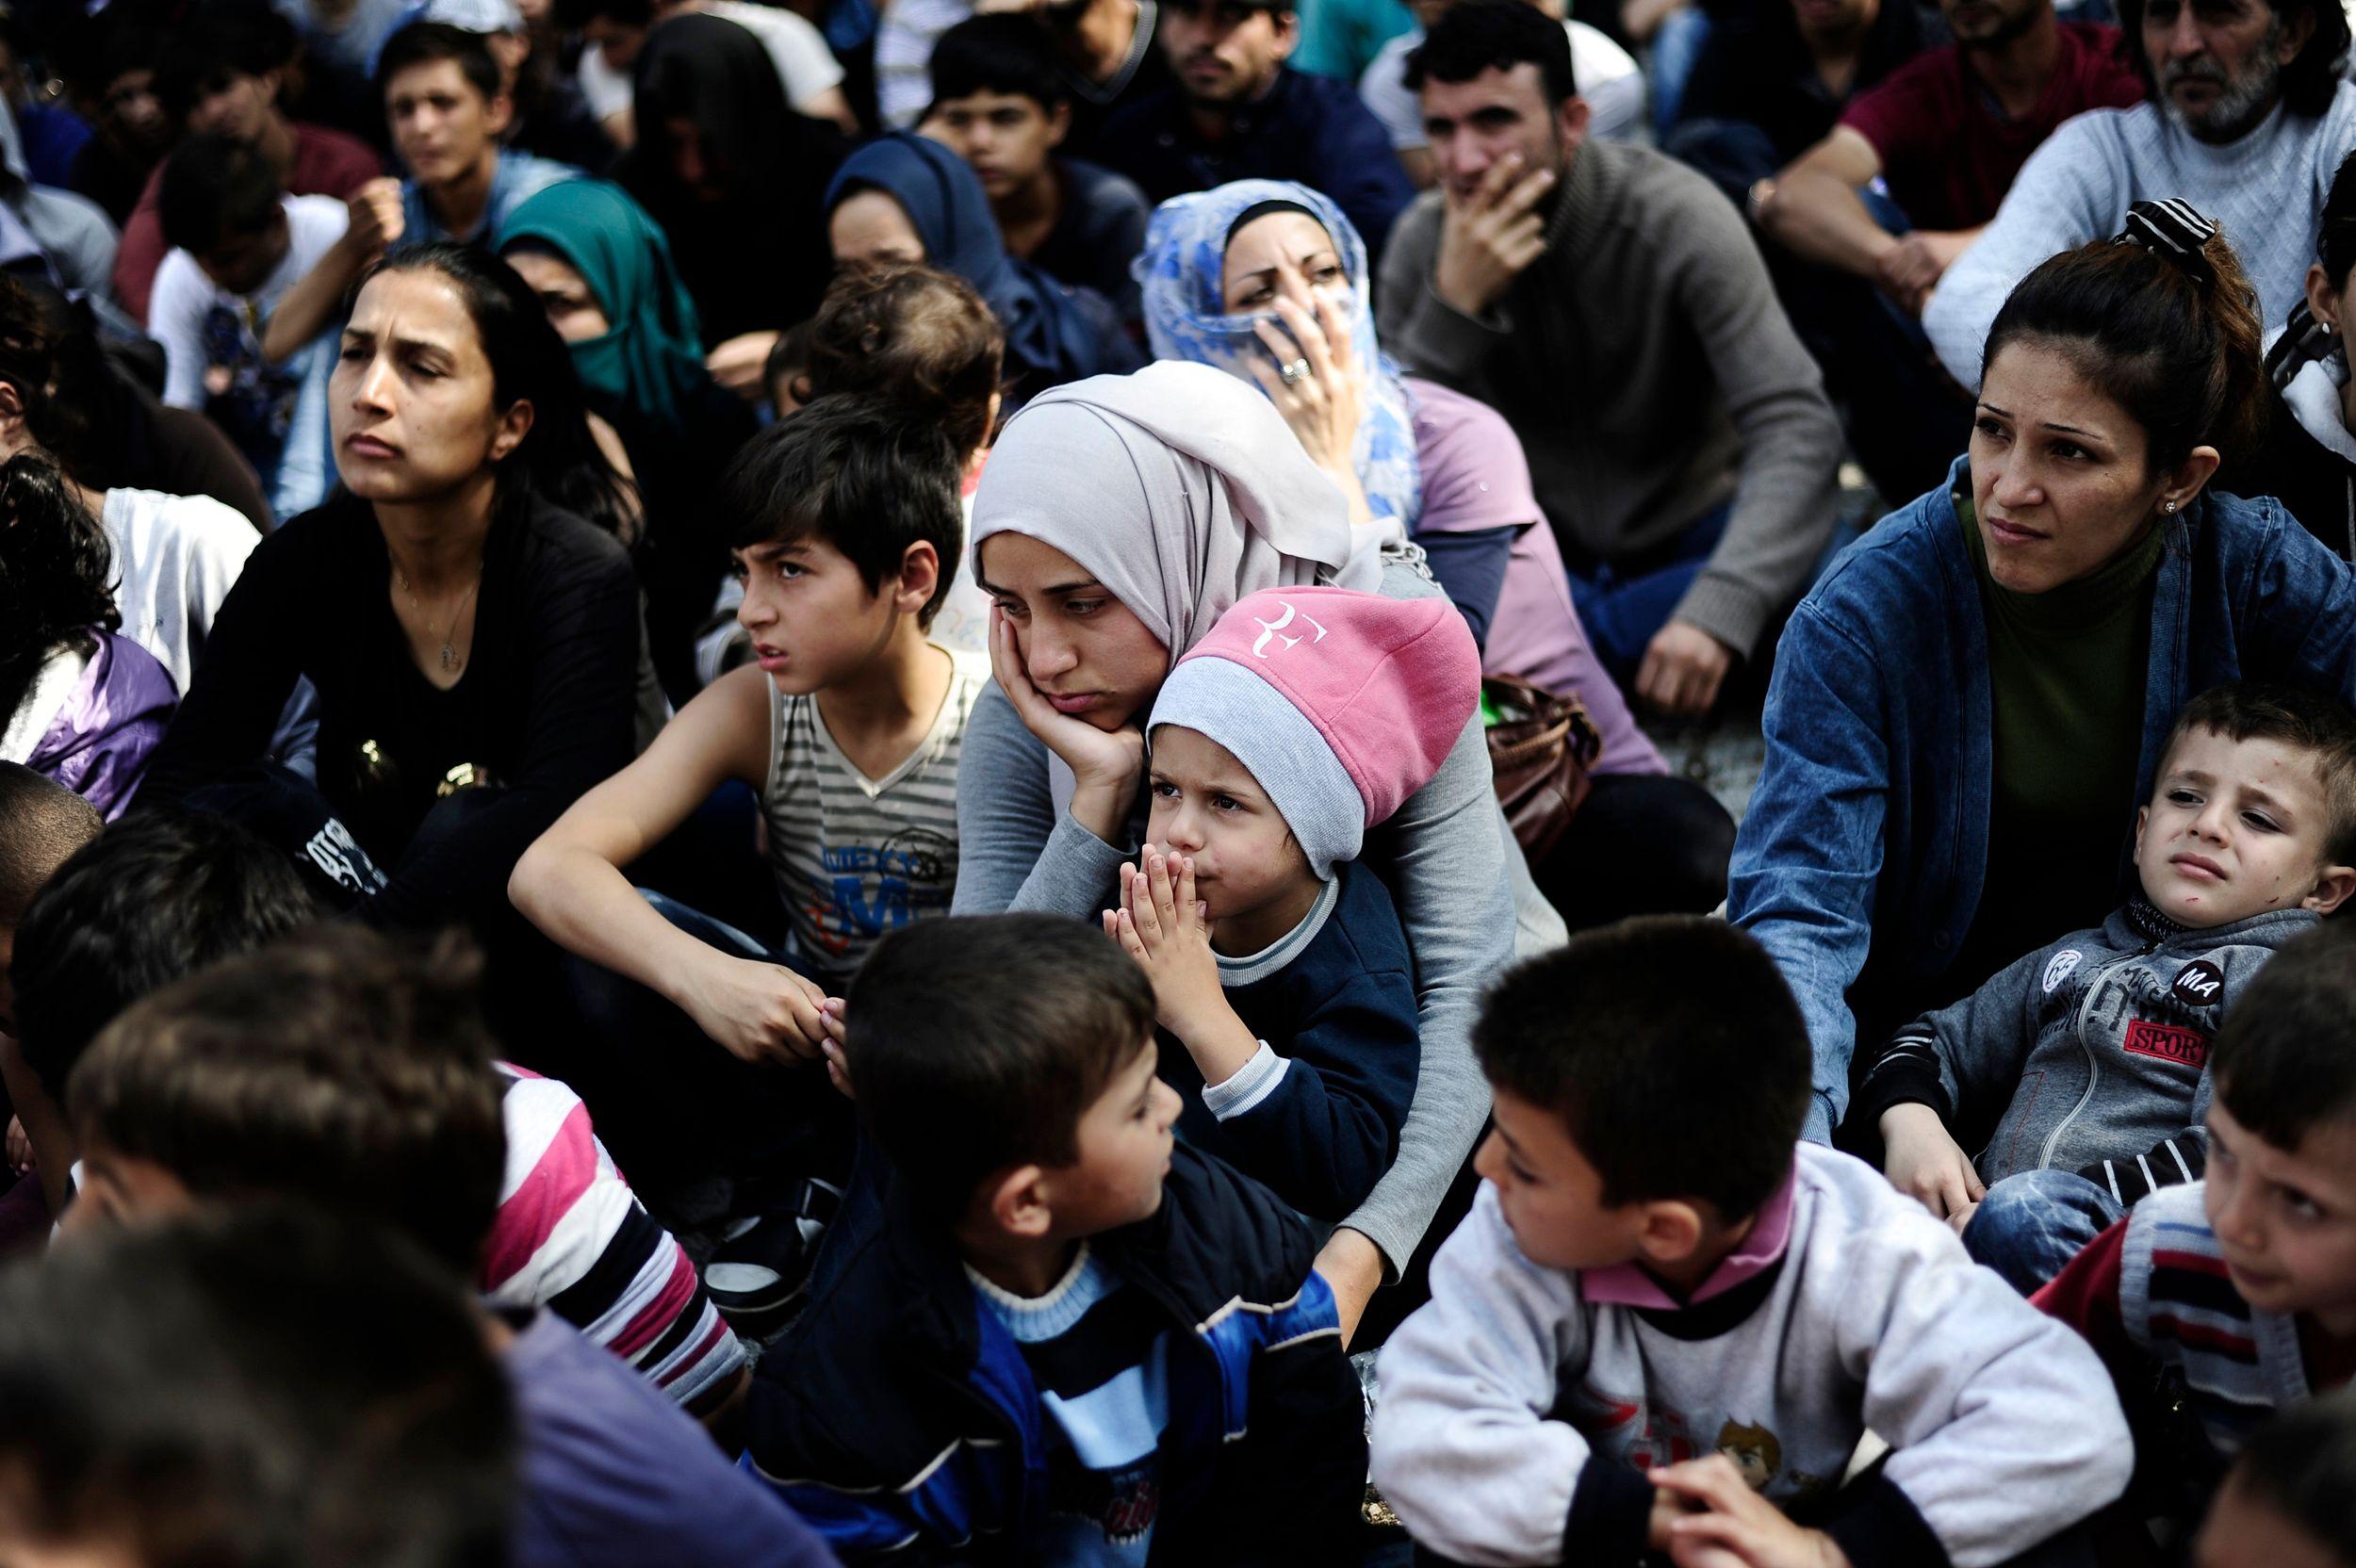 Allemagne : les néonazis ont attaqué les réfugiés dans la ville de Bautzen